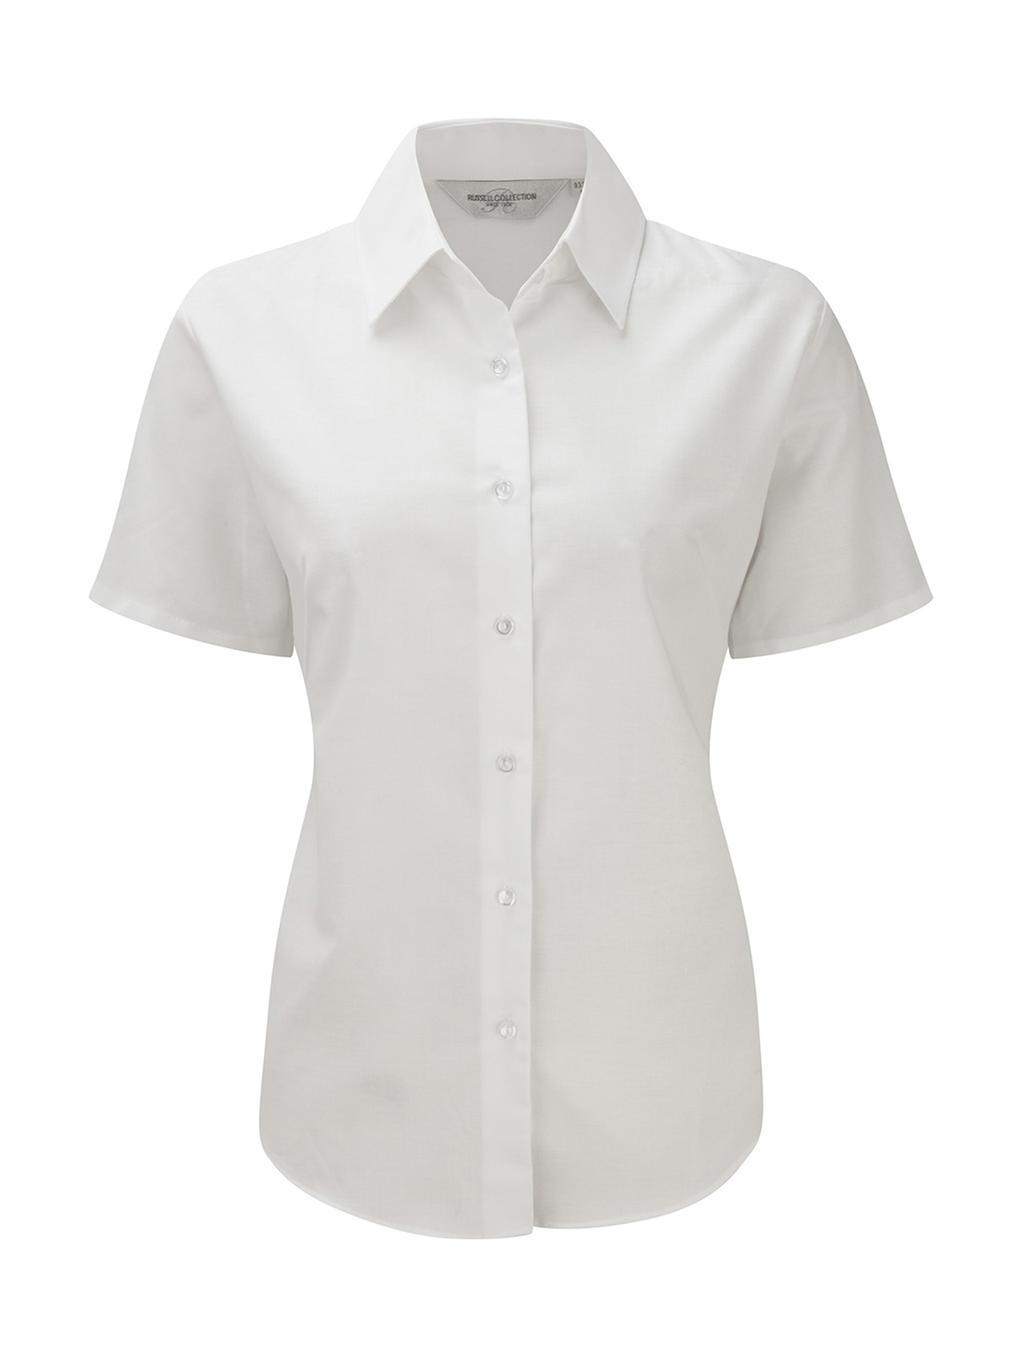 a5dcc2bb9329 WHITE XL (42) Γυναικειο πουκαμισο oxford russell r-933f-0 - Glami.gr